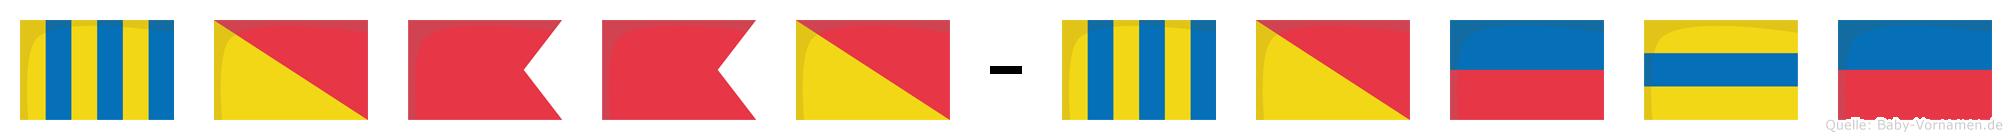 Gobbo-Göde im Flaggenalphabet